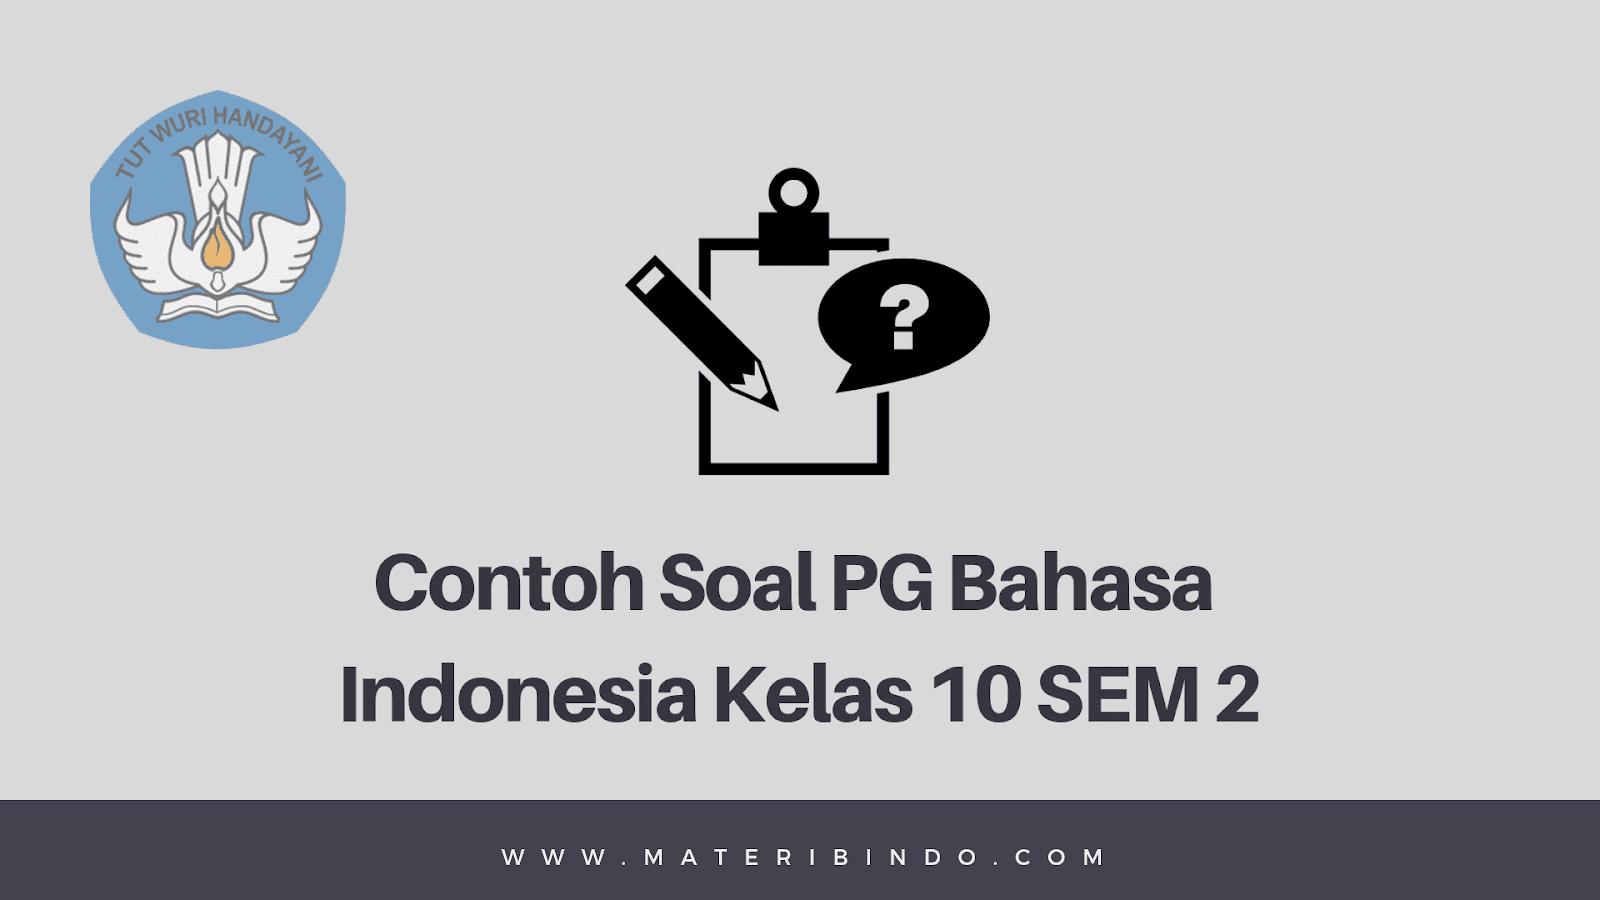 100 Contoh Soal Pg Bahasa Indonesia Kelas 10 Sem 2 Sma Smk Dan Jawabannya